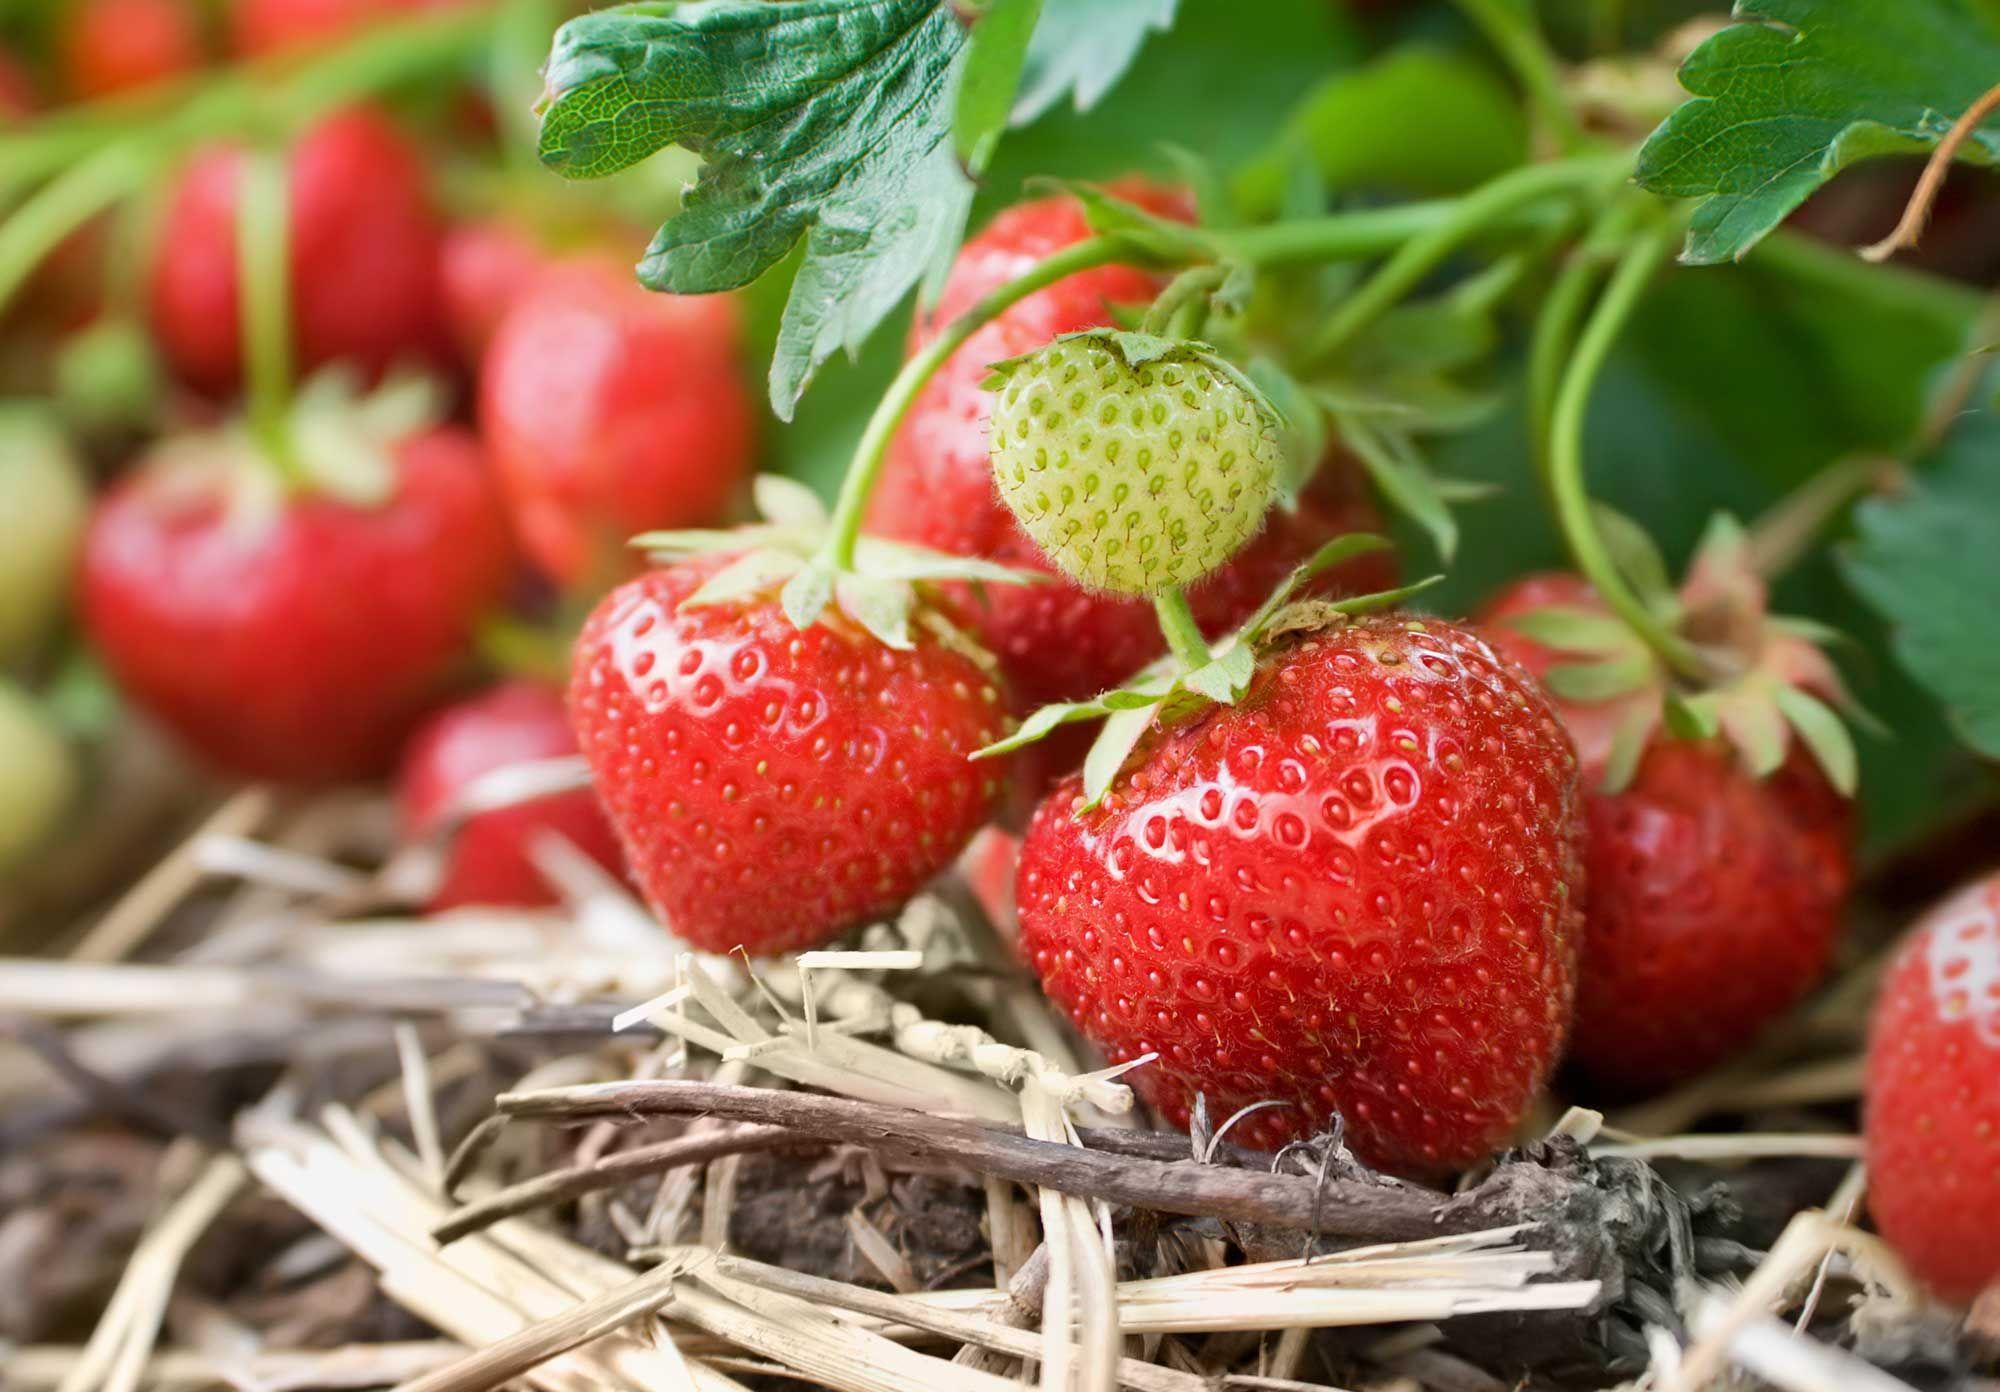 Få en jämn skörd av stora härliga och solmogna jordgubbar om du förnyar plantorna och placerar dem i full sol. Följ skötselråden om plantavstånd och håll landet ogräsfrittså kommer du att lyckas!